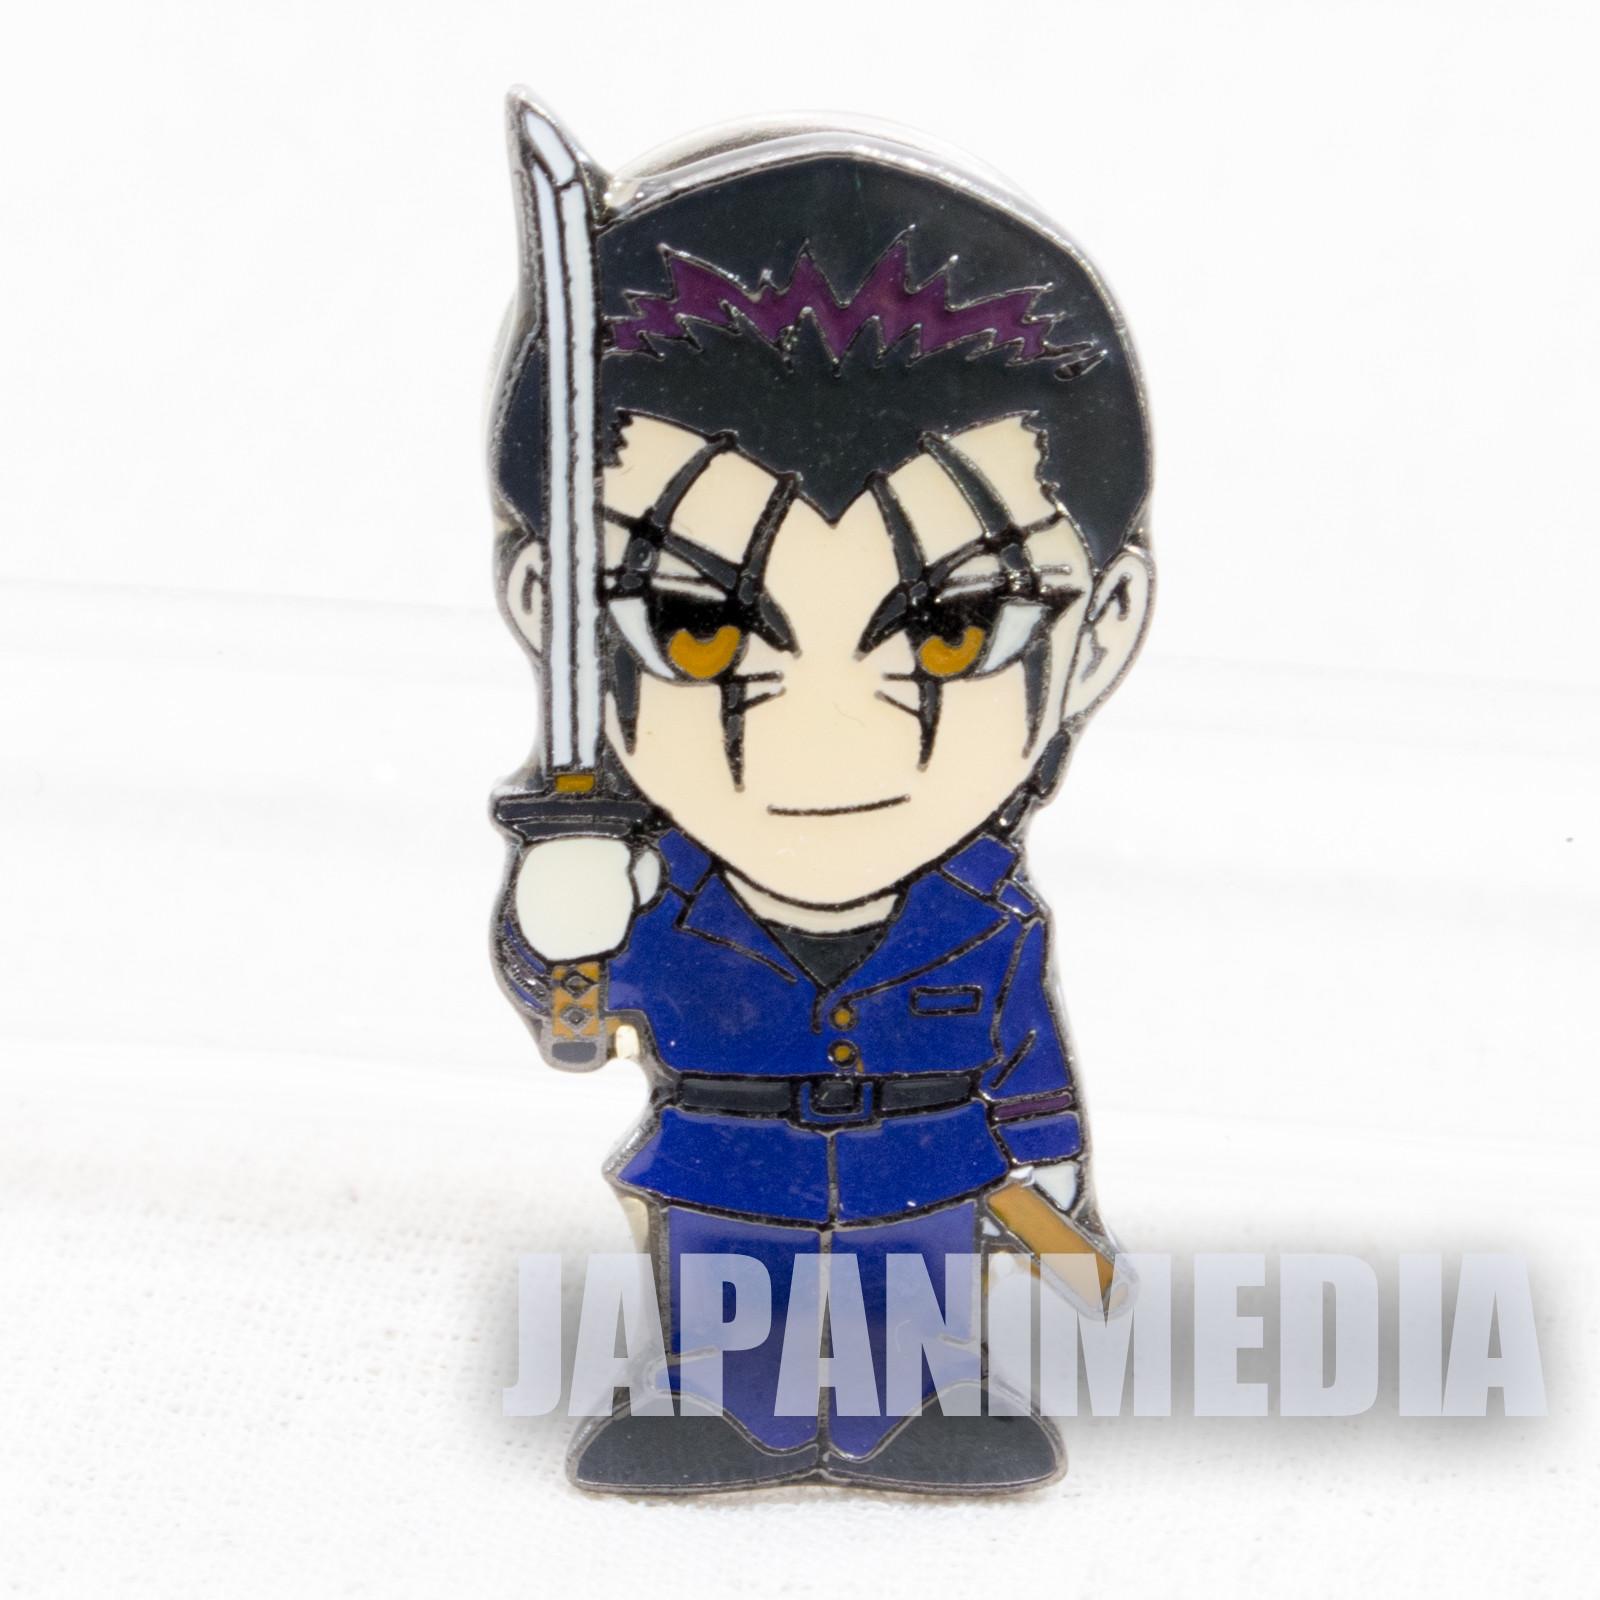 Rurouni Kenshin Hajime Saito Pins JAPAN ANIME